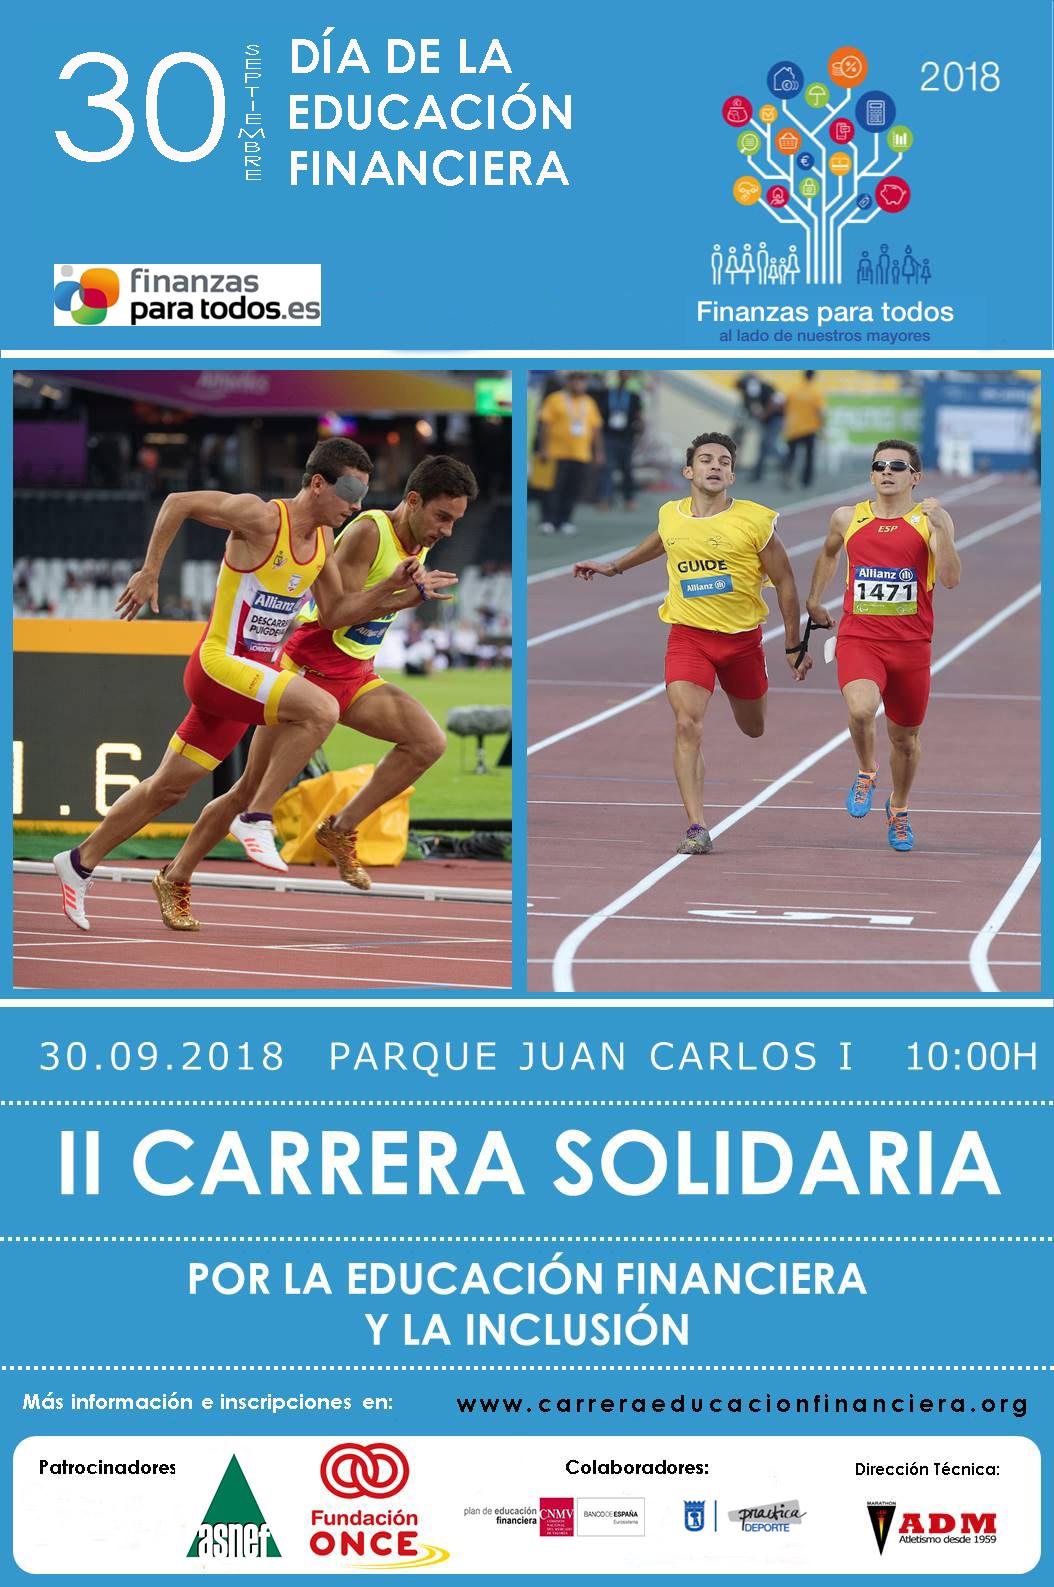 Carrera Solidaria por la Educación Financiera y la Inclusión